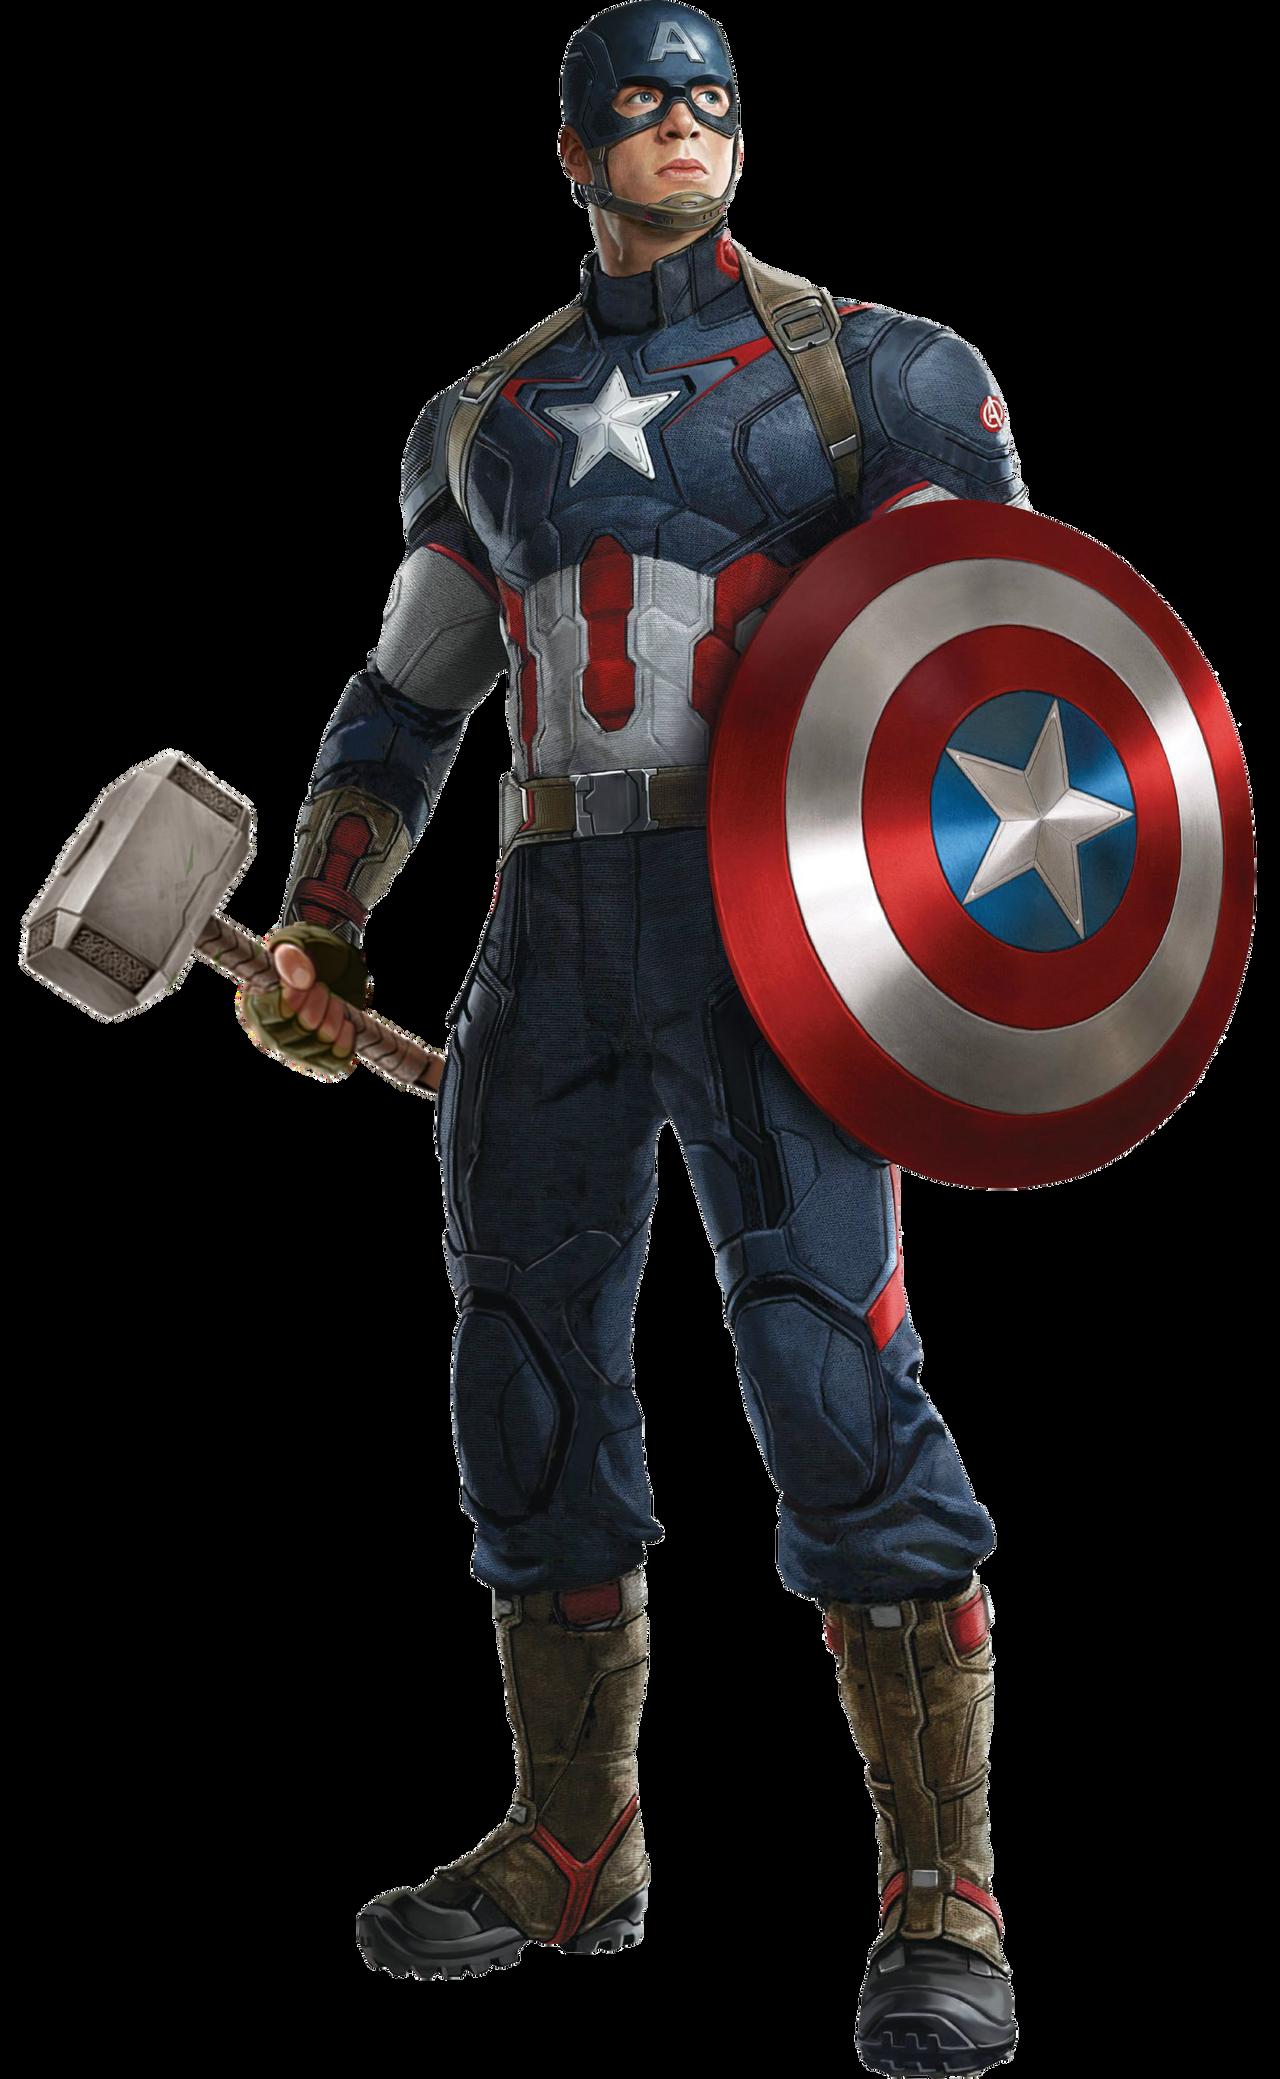 captain america mjolnir 13 by Dani0rions on DeviantArt